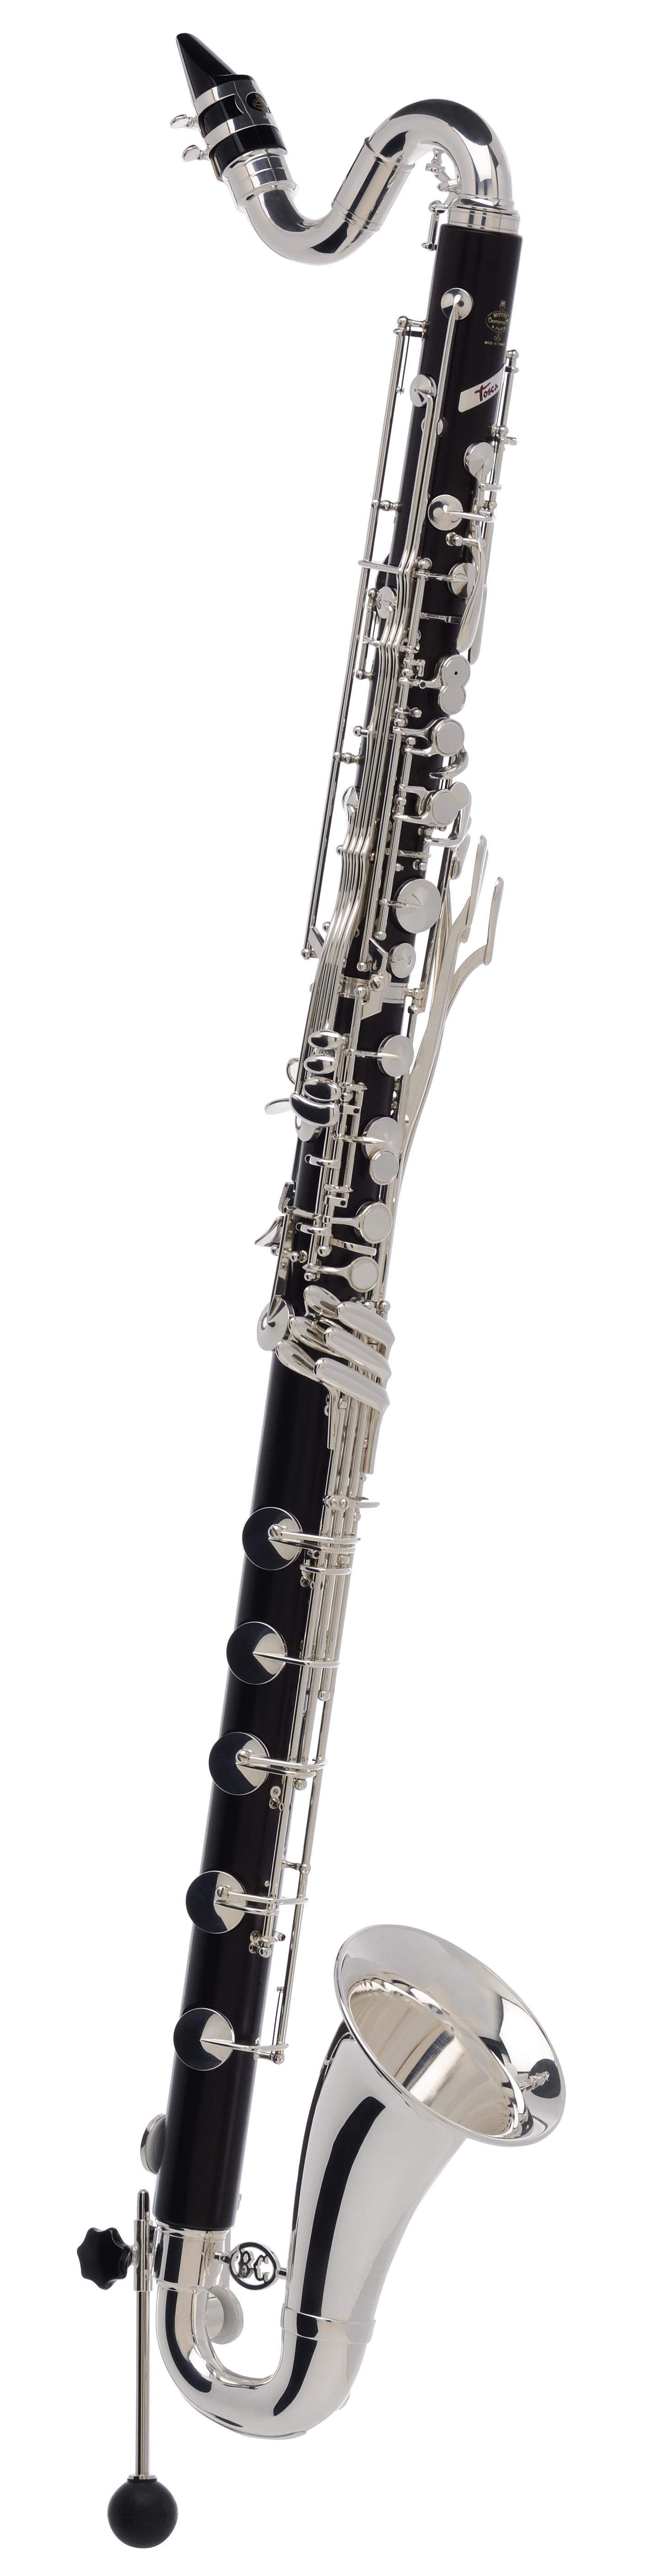 Buffet - BC-1195-2-0 - Tosca - Holzblasinstrumente - Klarinetten | MUSIK BERTRAM Deutschland Freiburg